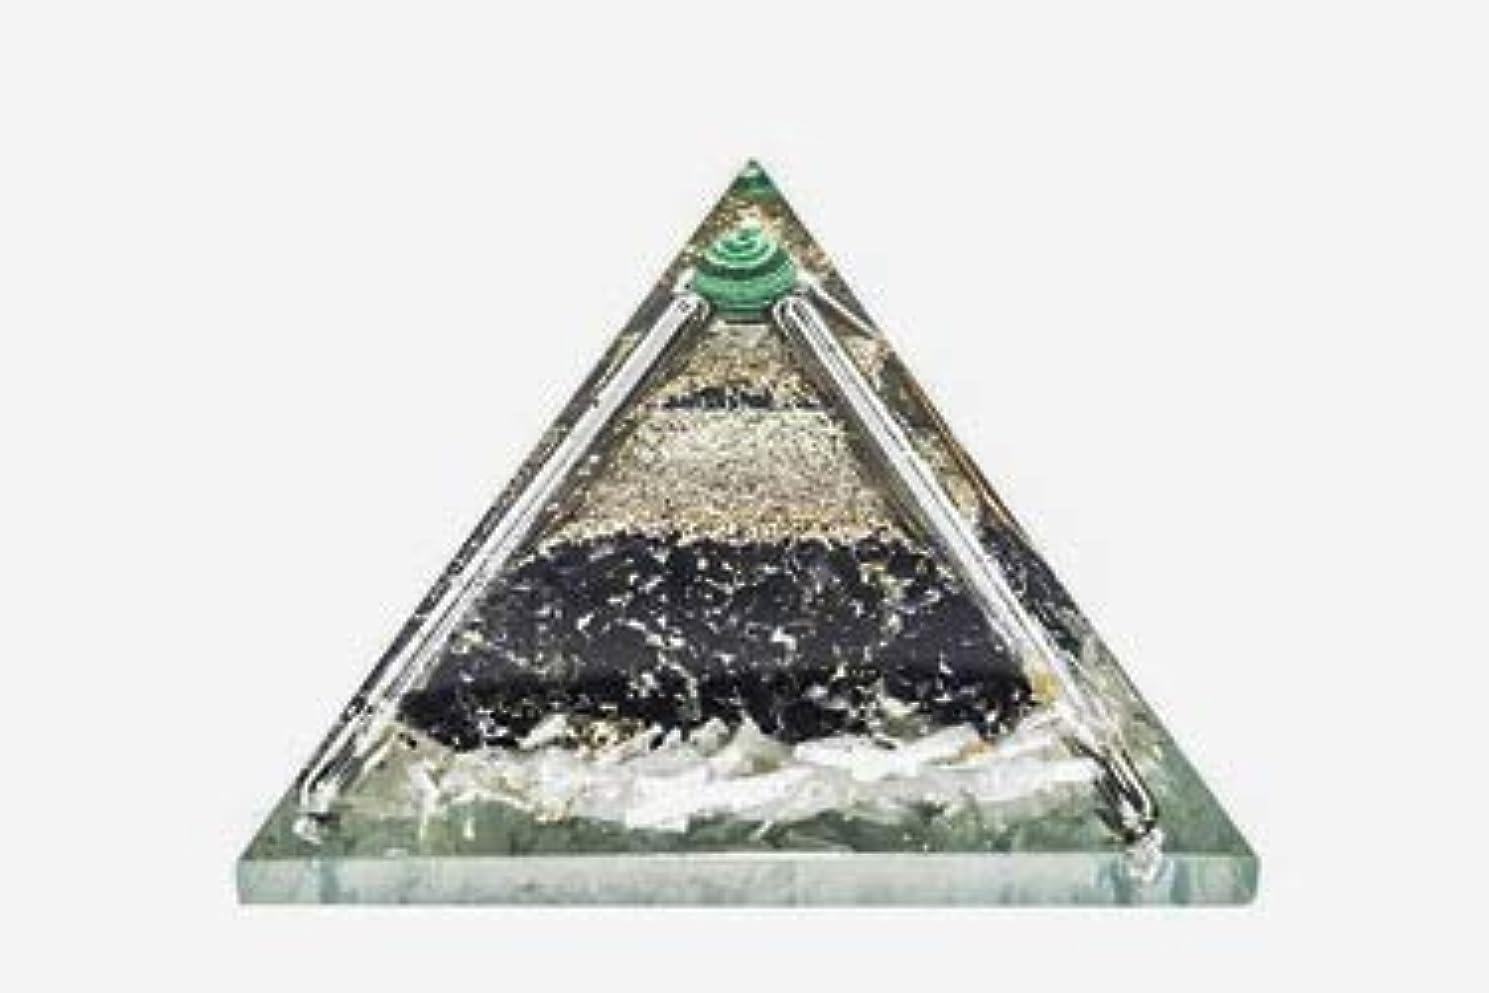 コンデンサー背骨実現可能crocon Exclusive砂漠のブラックトルマリンOrgone Pyramid with Green MalachiteボールエネルギージェネレータレイキHealingオーラクレンジング& EMFの保護サイズ: 2.5...